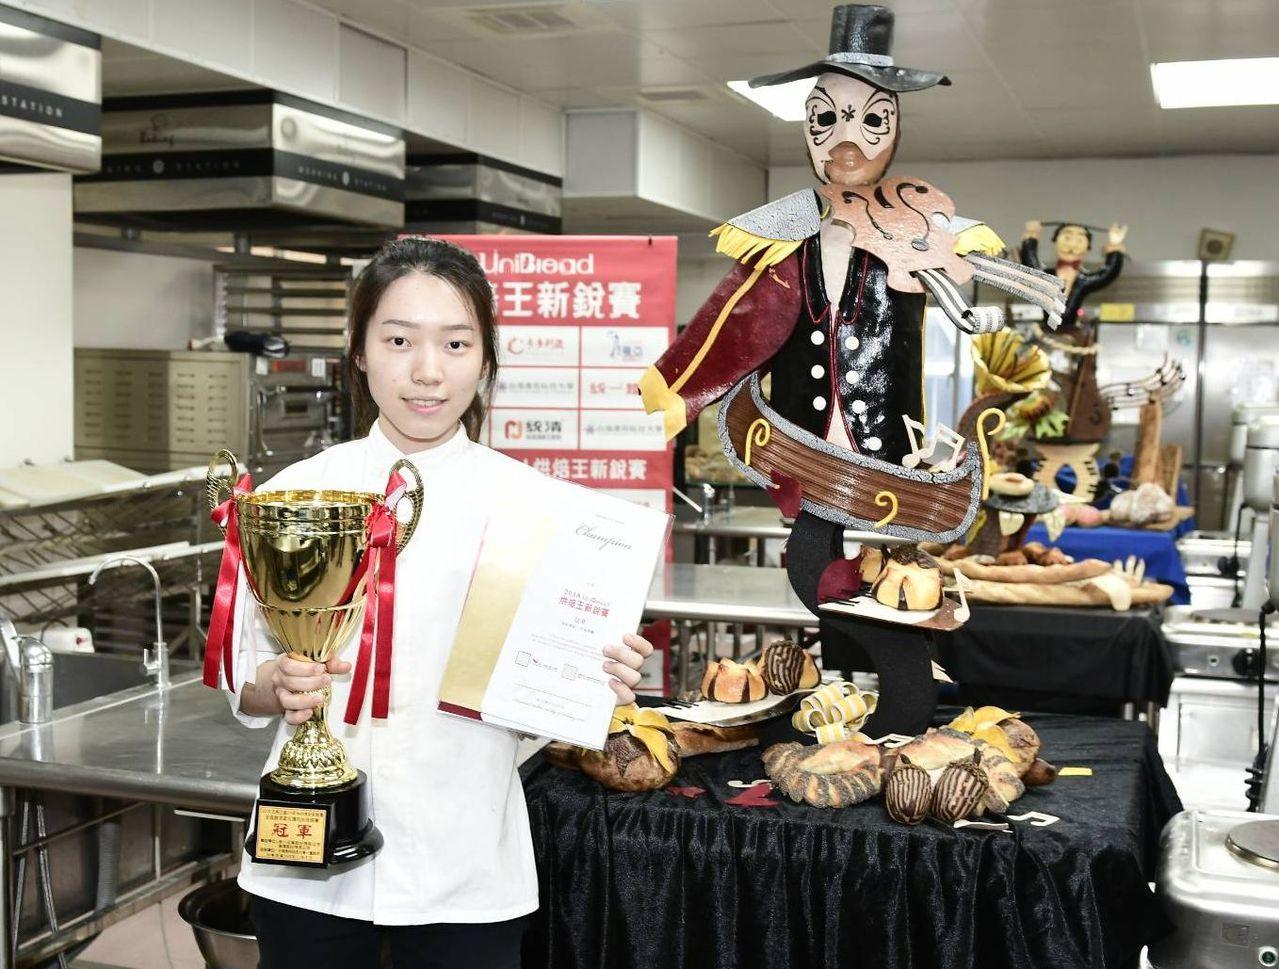 台北實踐大學劉珮珊贏得冠軍與5萬元獎金。圖/主辦單位提供